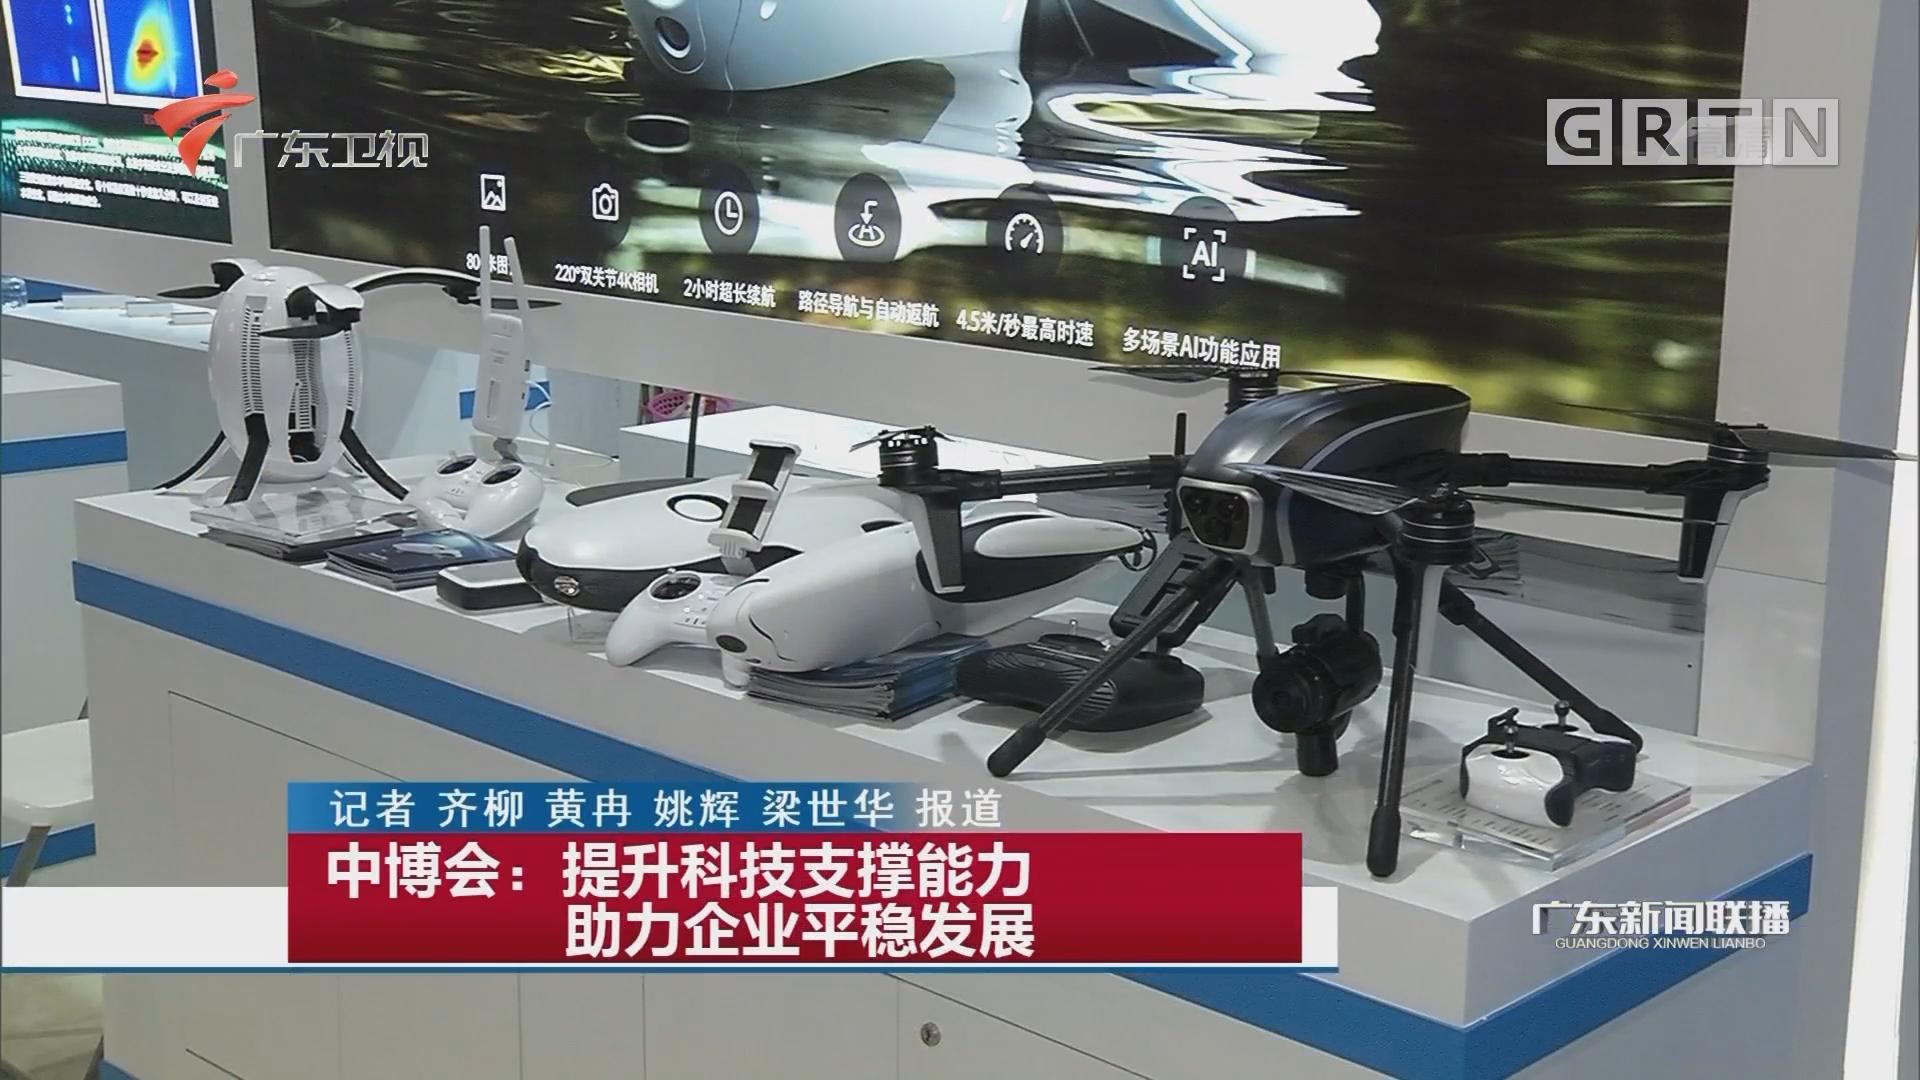 中博会:提升科技支撑能力 助力企业平稳发展